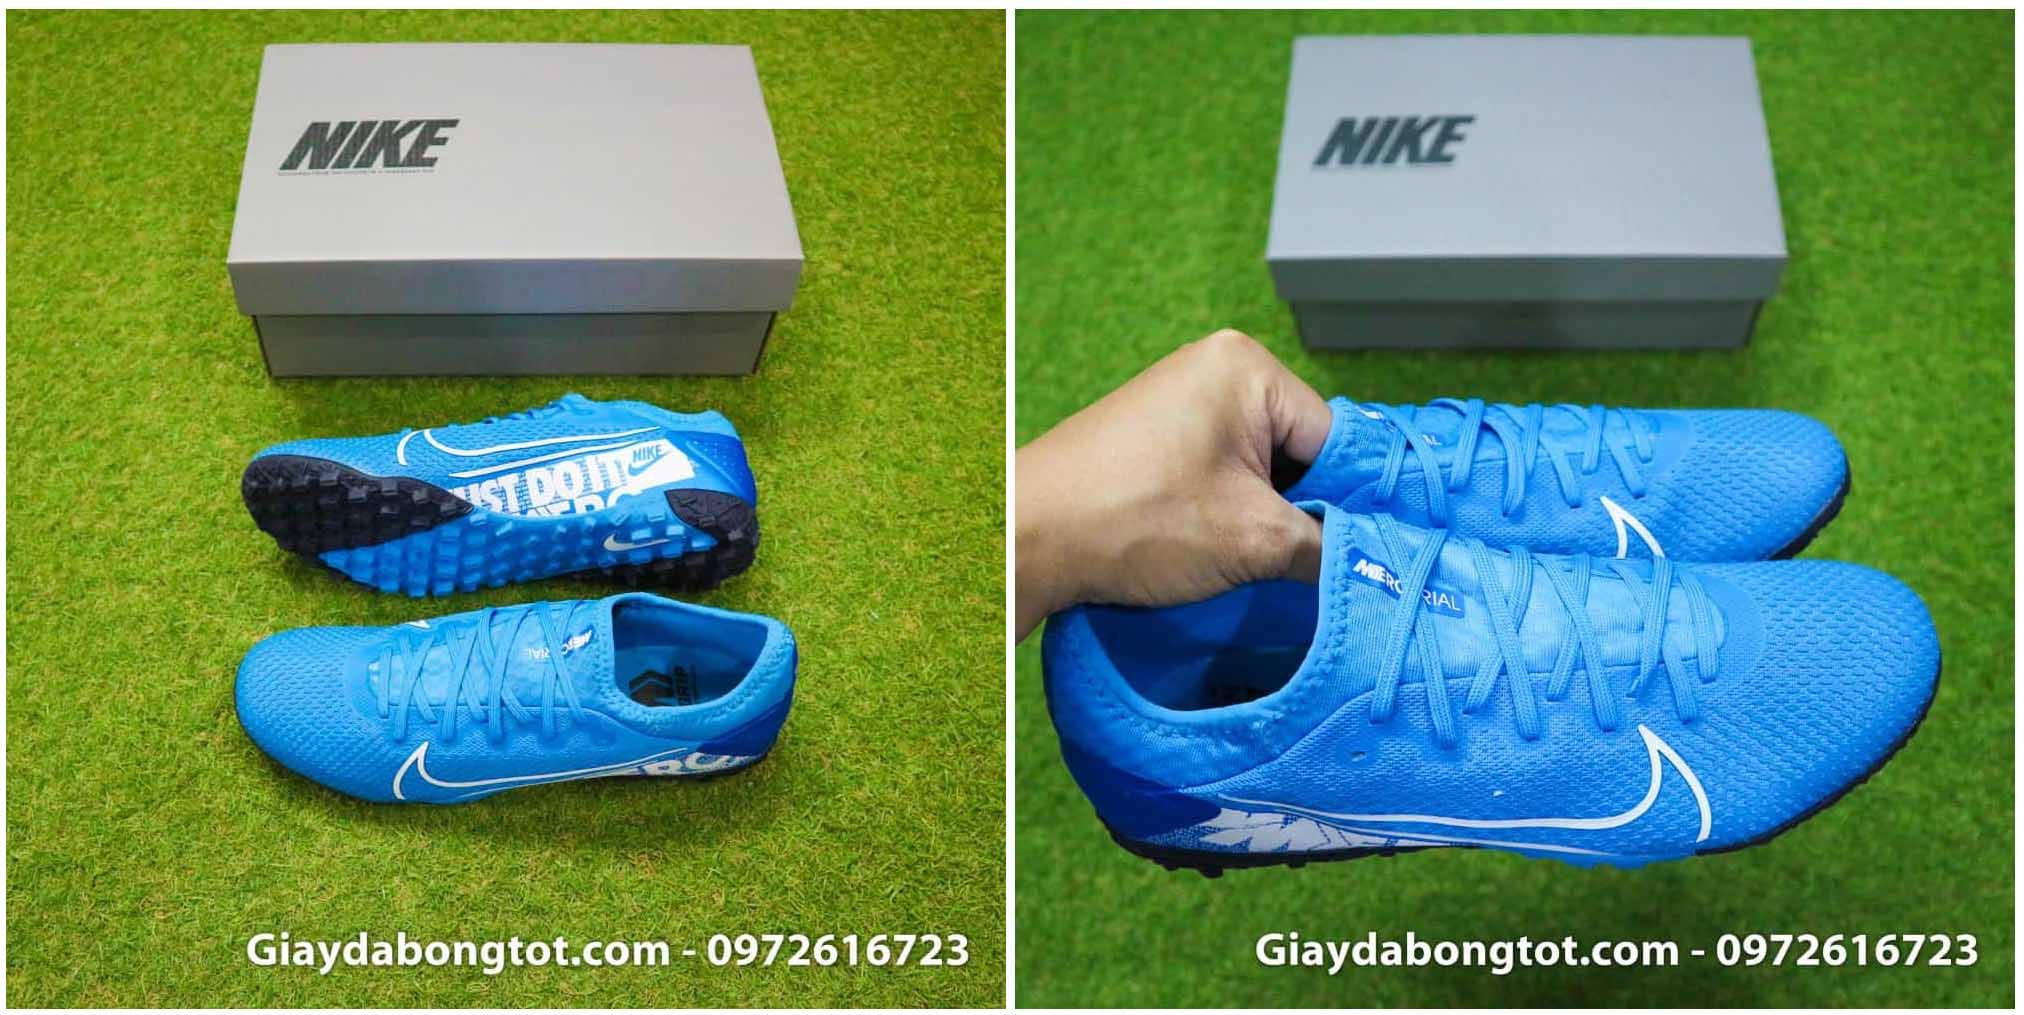 Giày đá bóng da vải màu xanh dương Vapor 13 Pro TF